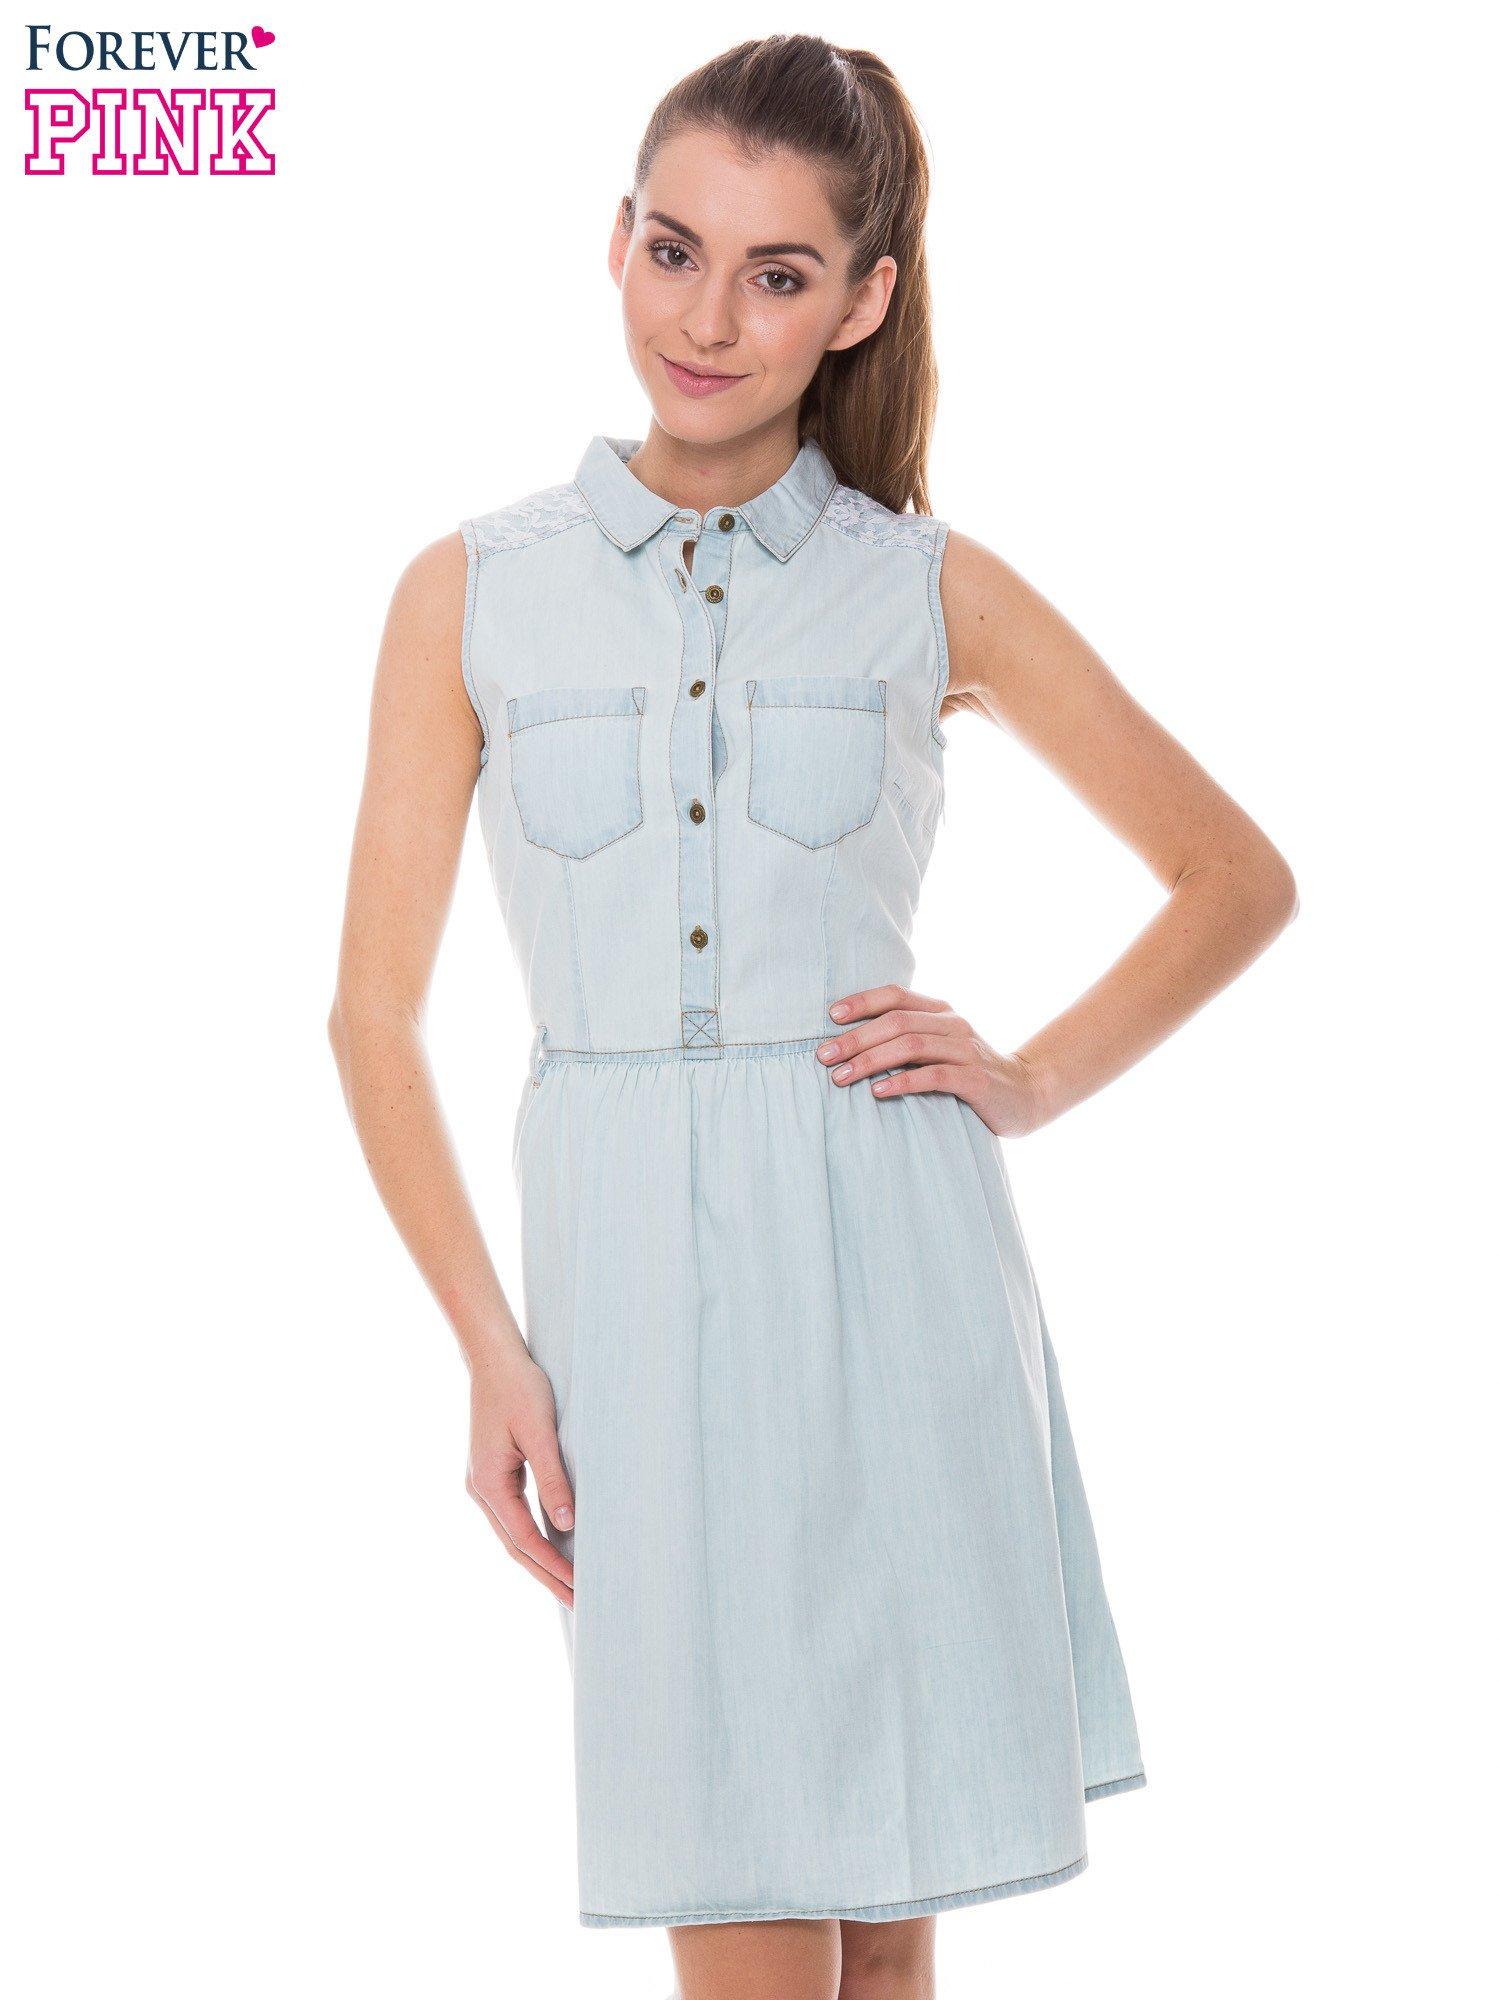 9454a2ebb6 Jeansowa Rozkloszowana Sukienka Natalie Swing Swing Fashion Store.  Jasnoniebieska Rozkloszowana Sukienka Jeansowa Z Koronkowymi